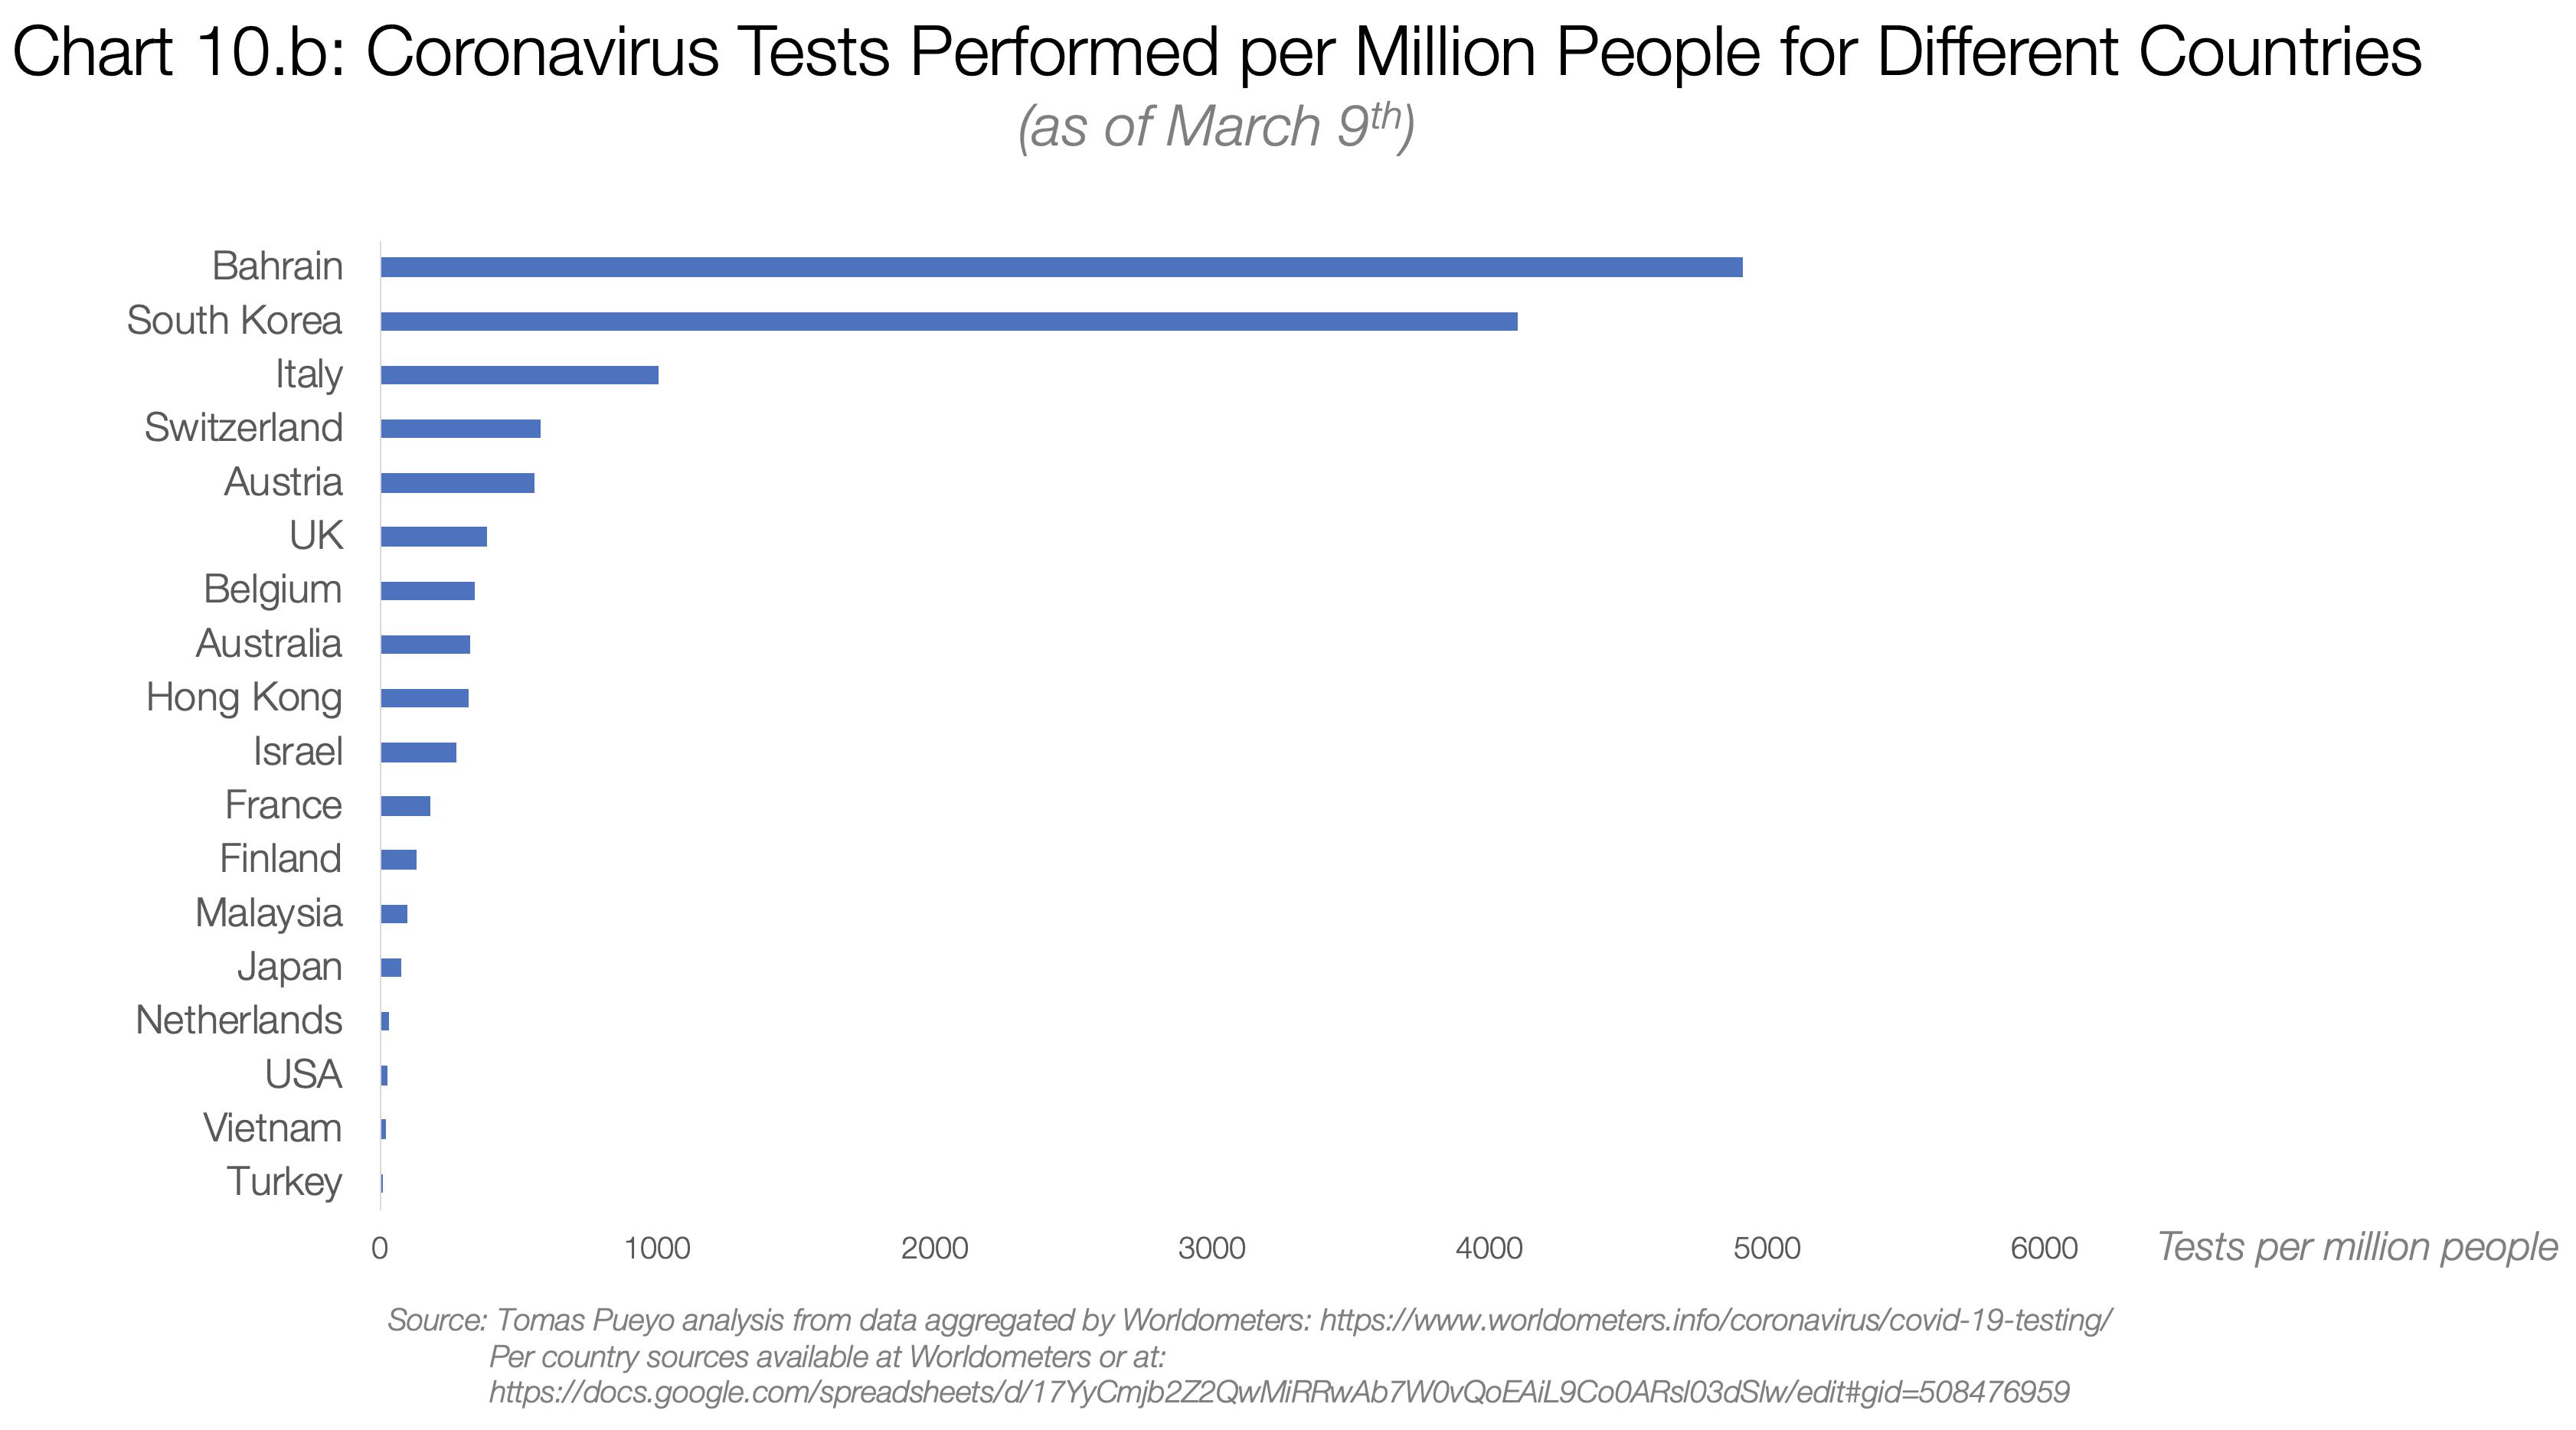 تستهای انجام شده به ازای هر یک میلیون نفر از جمعیت کشور در کشورهای مختلف